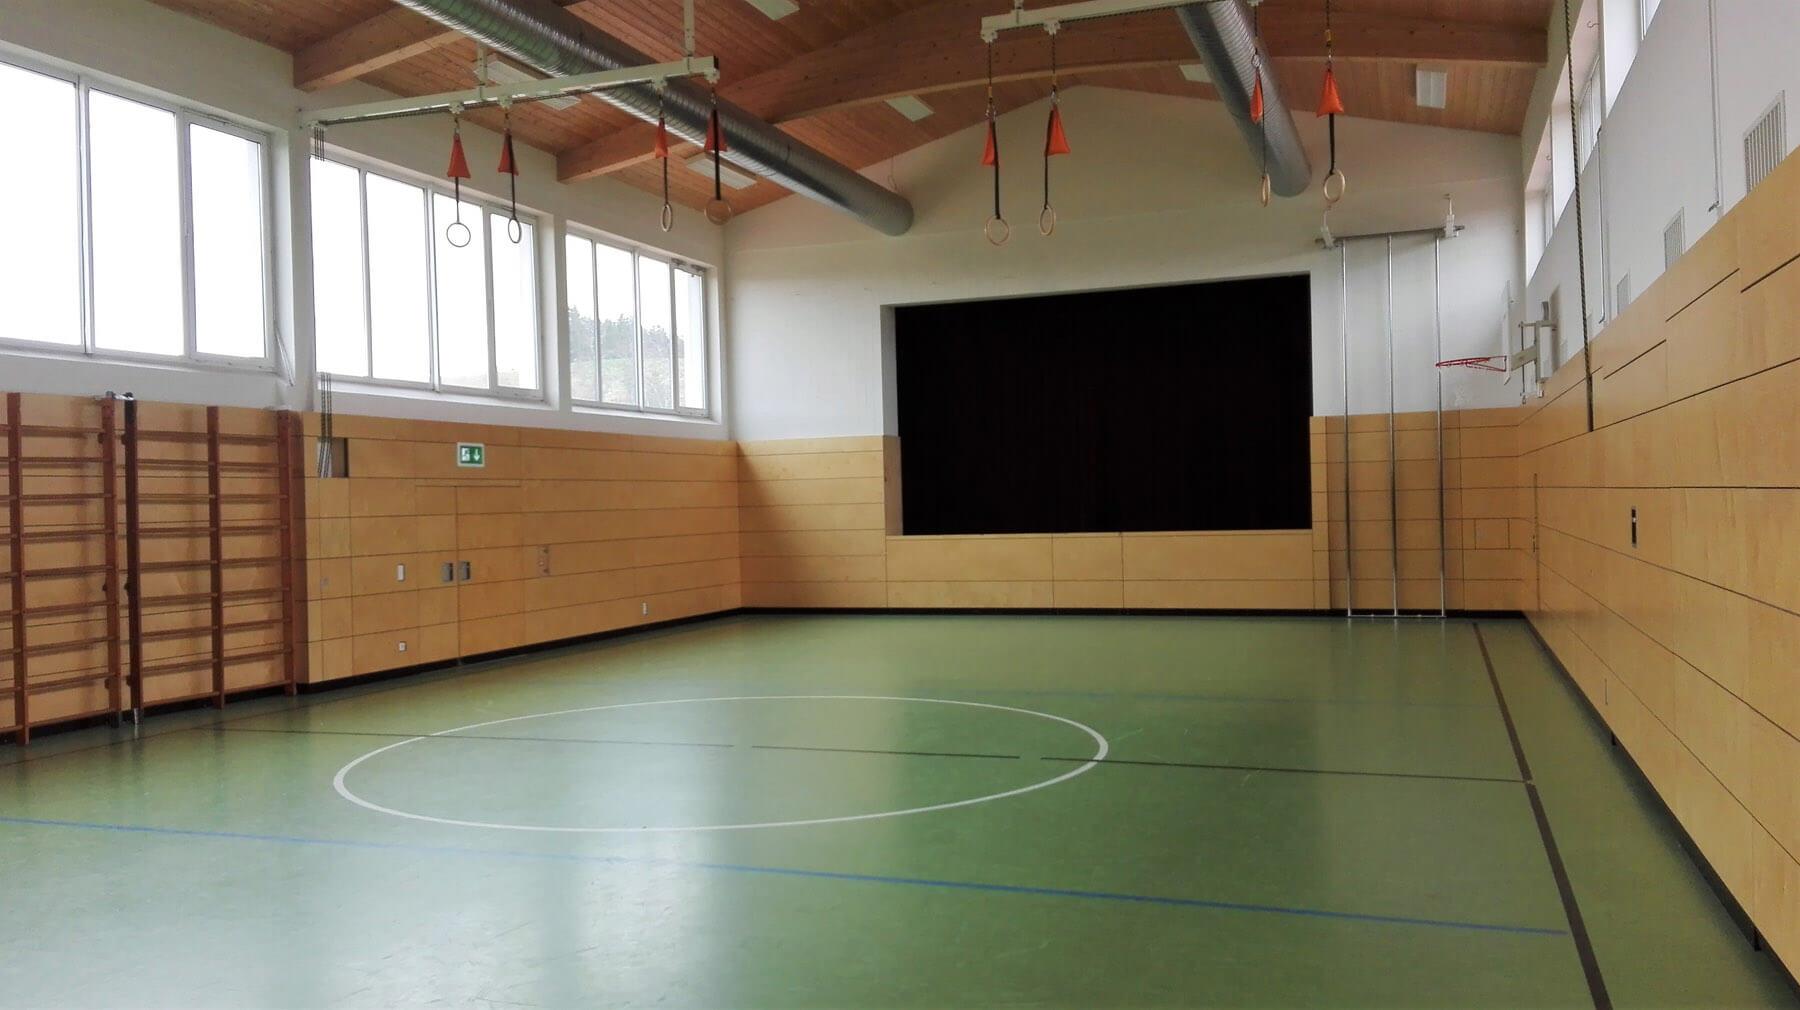 Klettergerüst Turnhalle : Grundschule burggen turnhalle